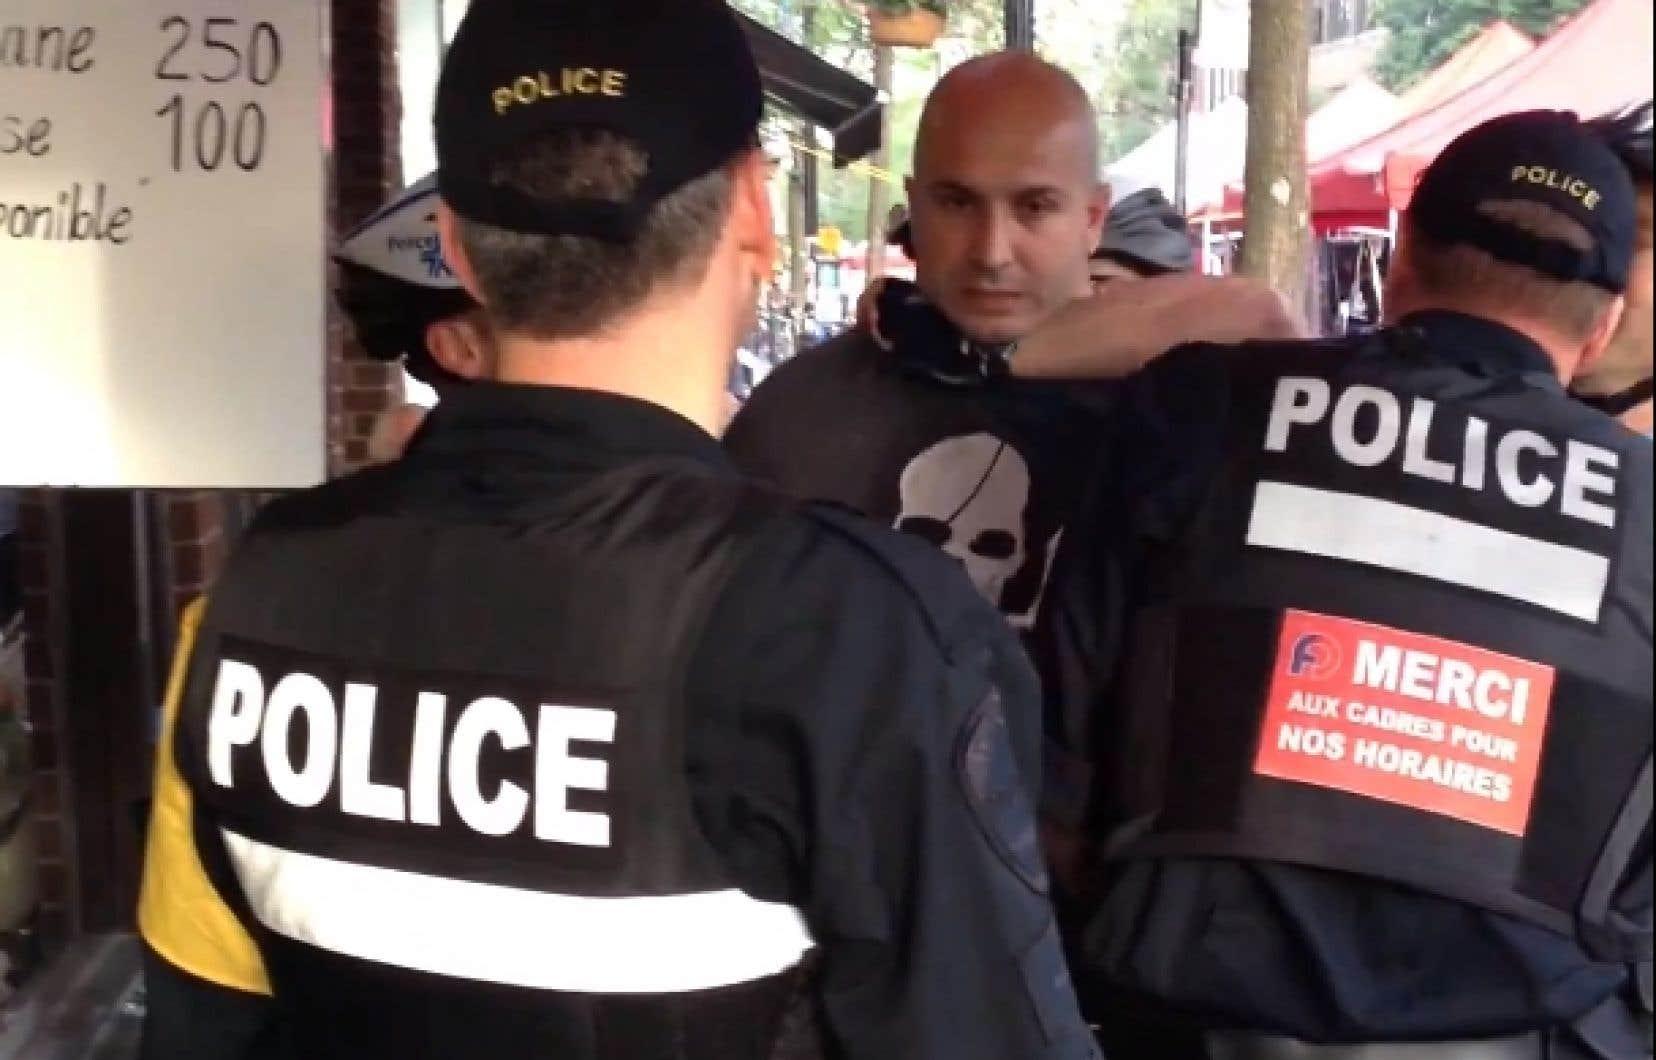 Les policiers ont négocié pendant huit minutes avec le responsable du kiosque, un homme grand et costaud qui a refusé de baisser le volume. Son comportement a incité les policiers à l'arrêter.